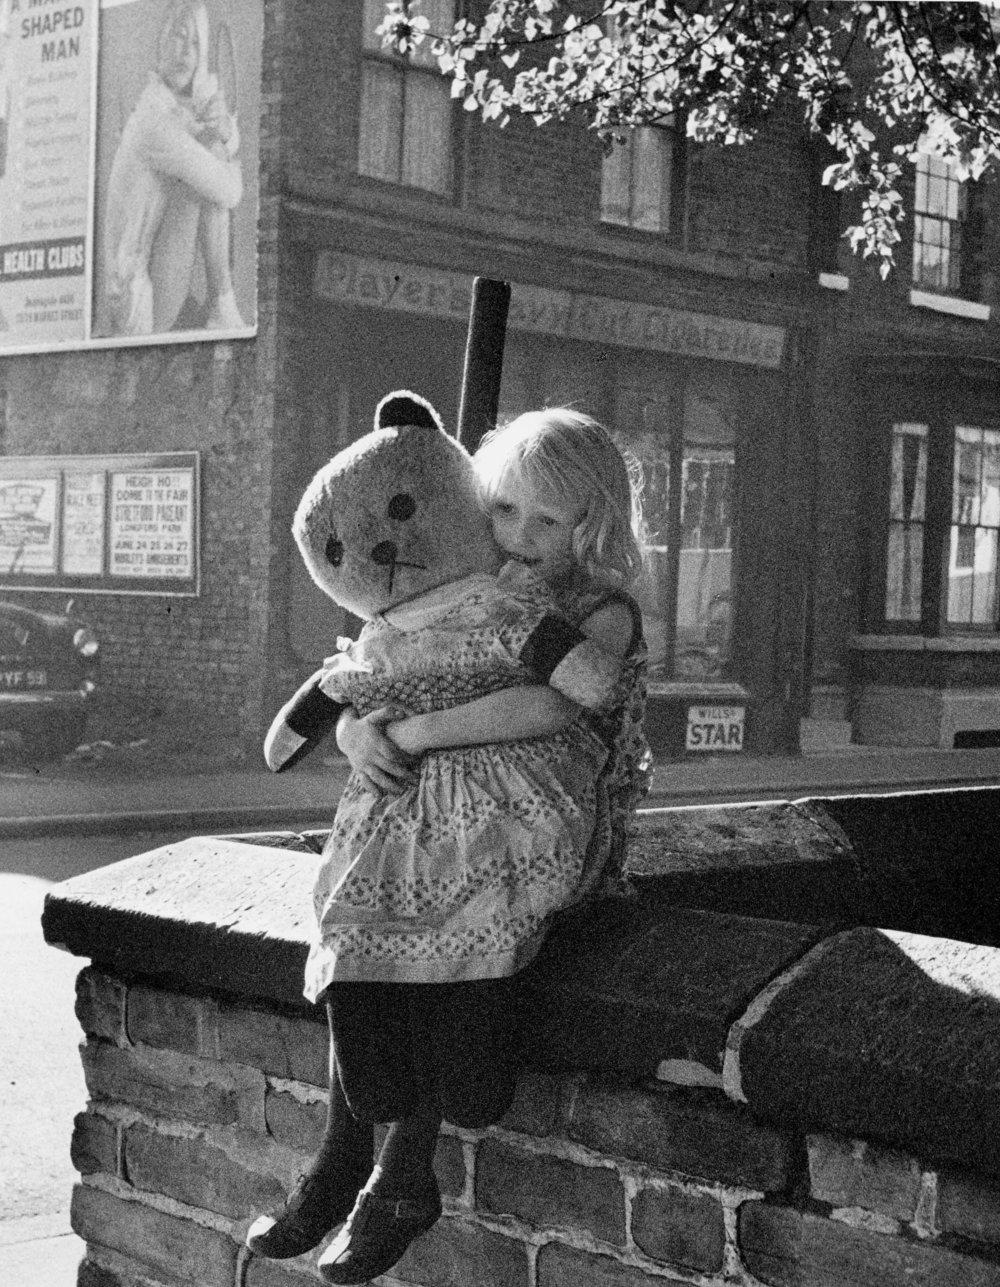 Girl & Teddy, 19-40-12 (1964).jpg